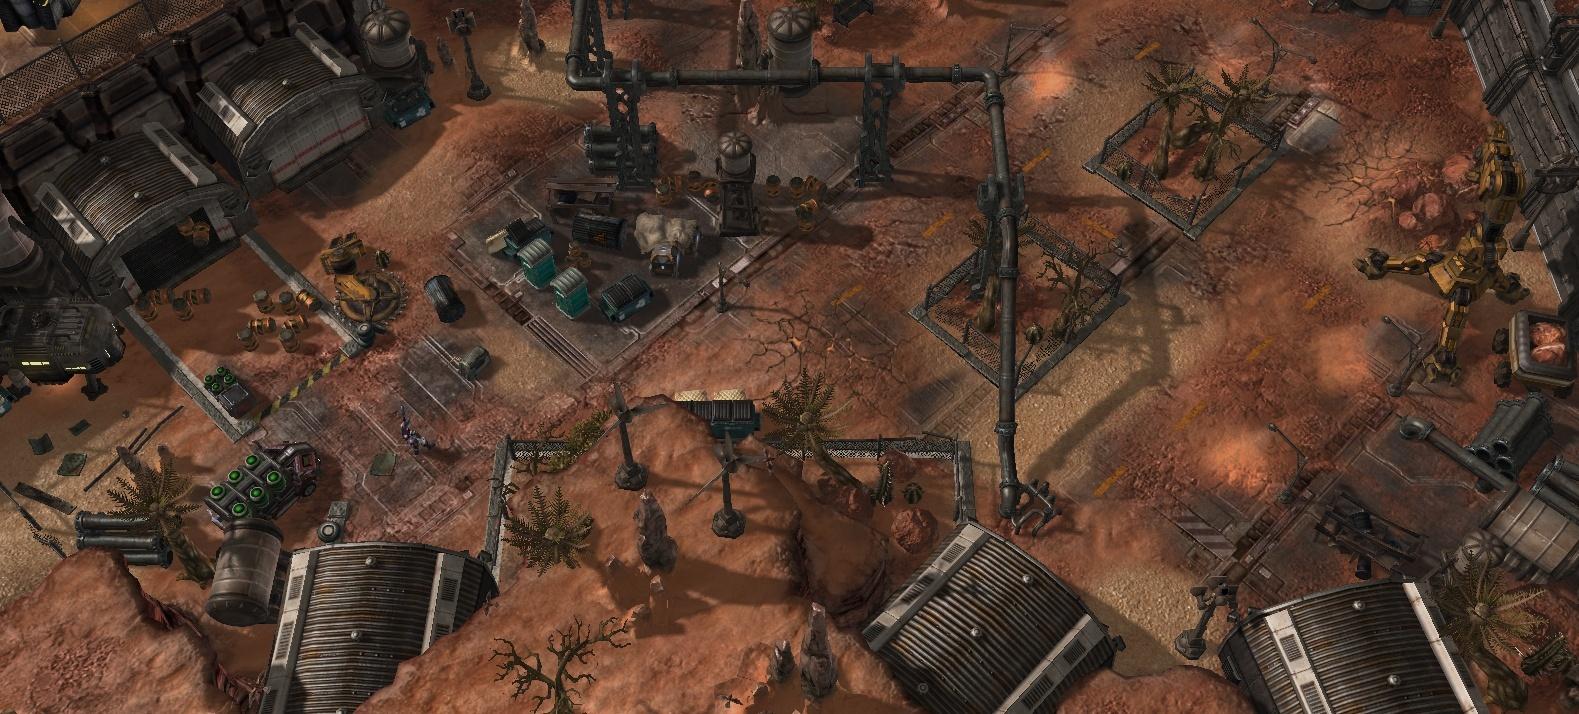 https://xgm.guru/p/sc2/terrain-wasteland